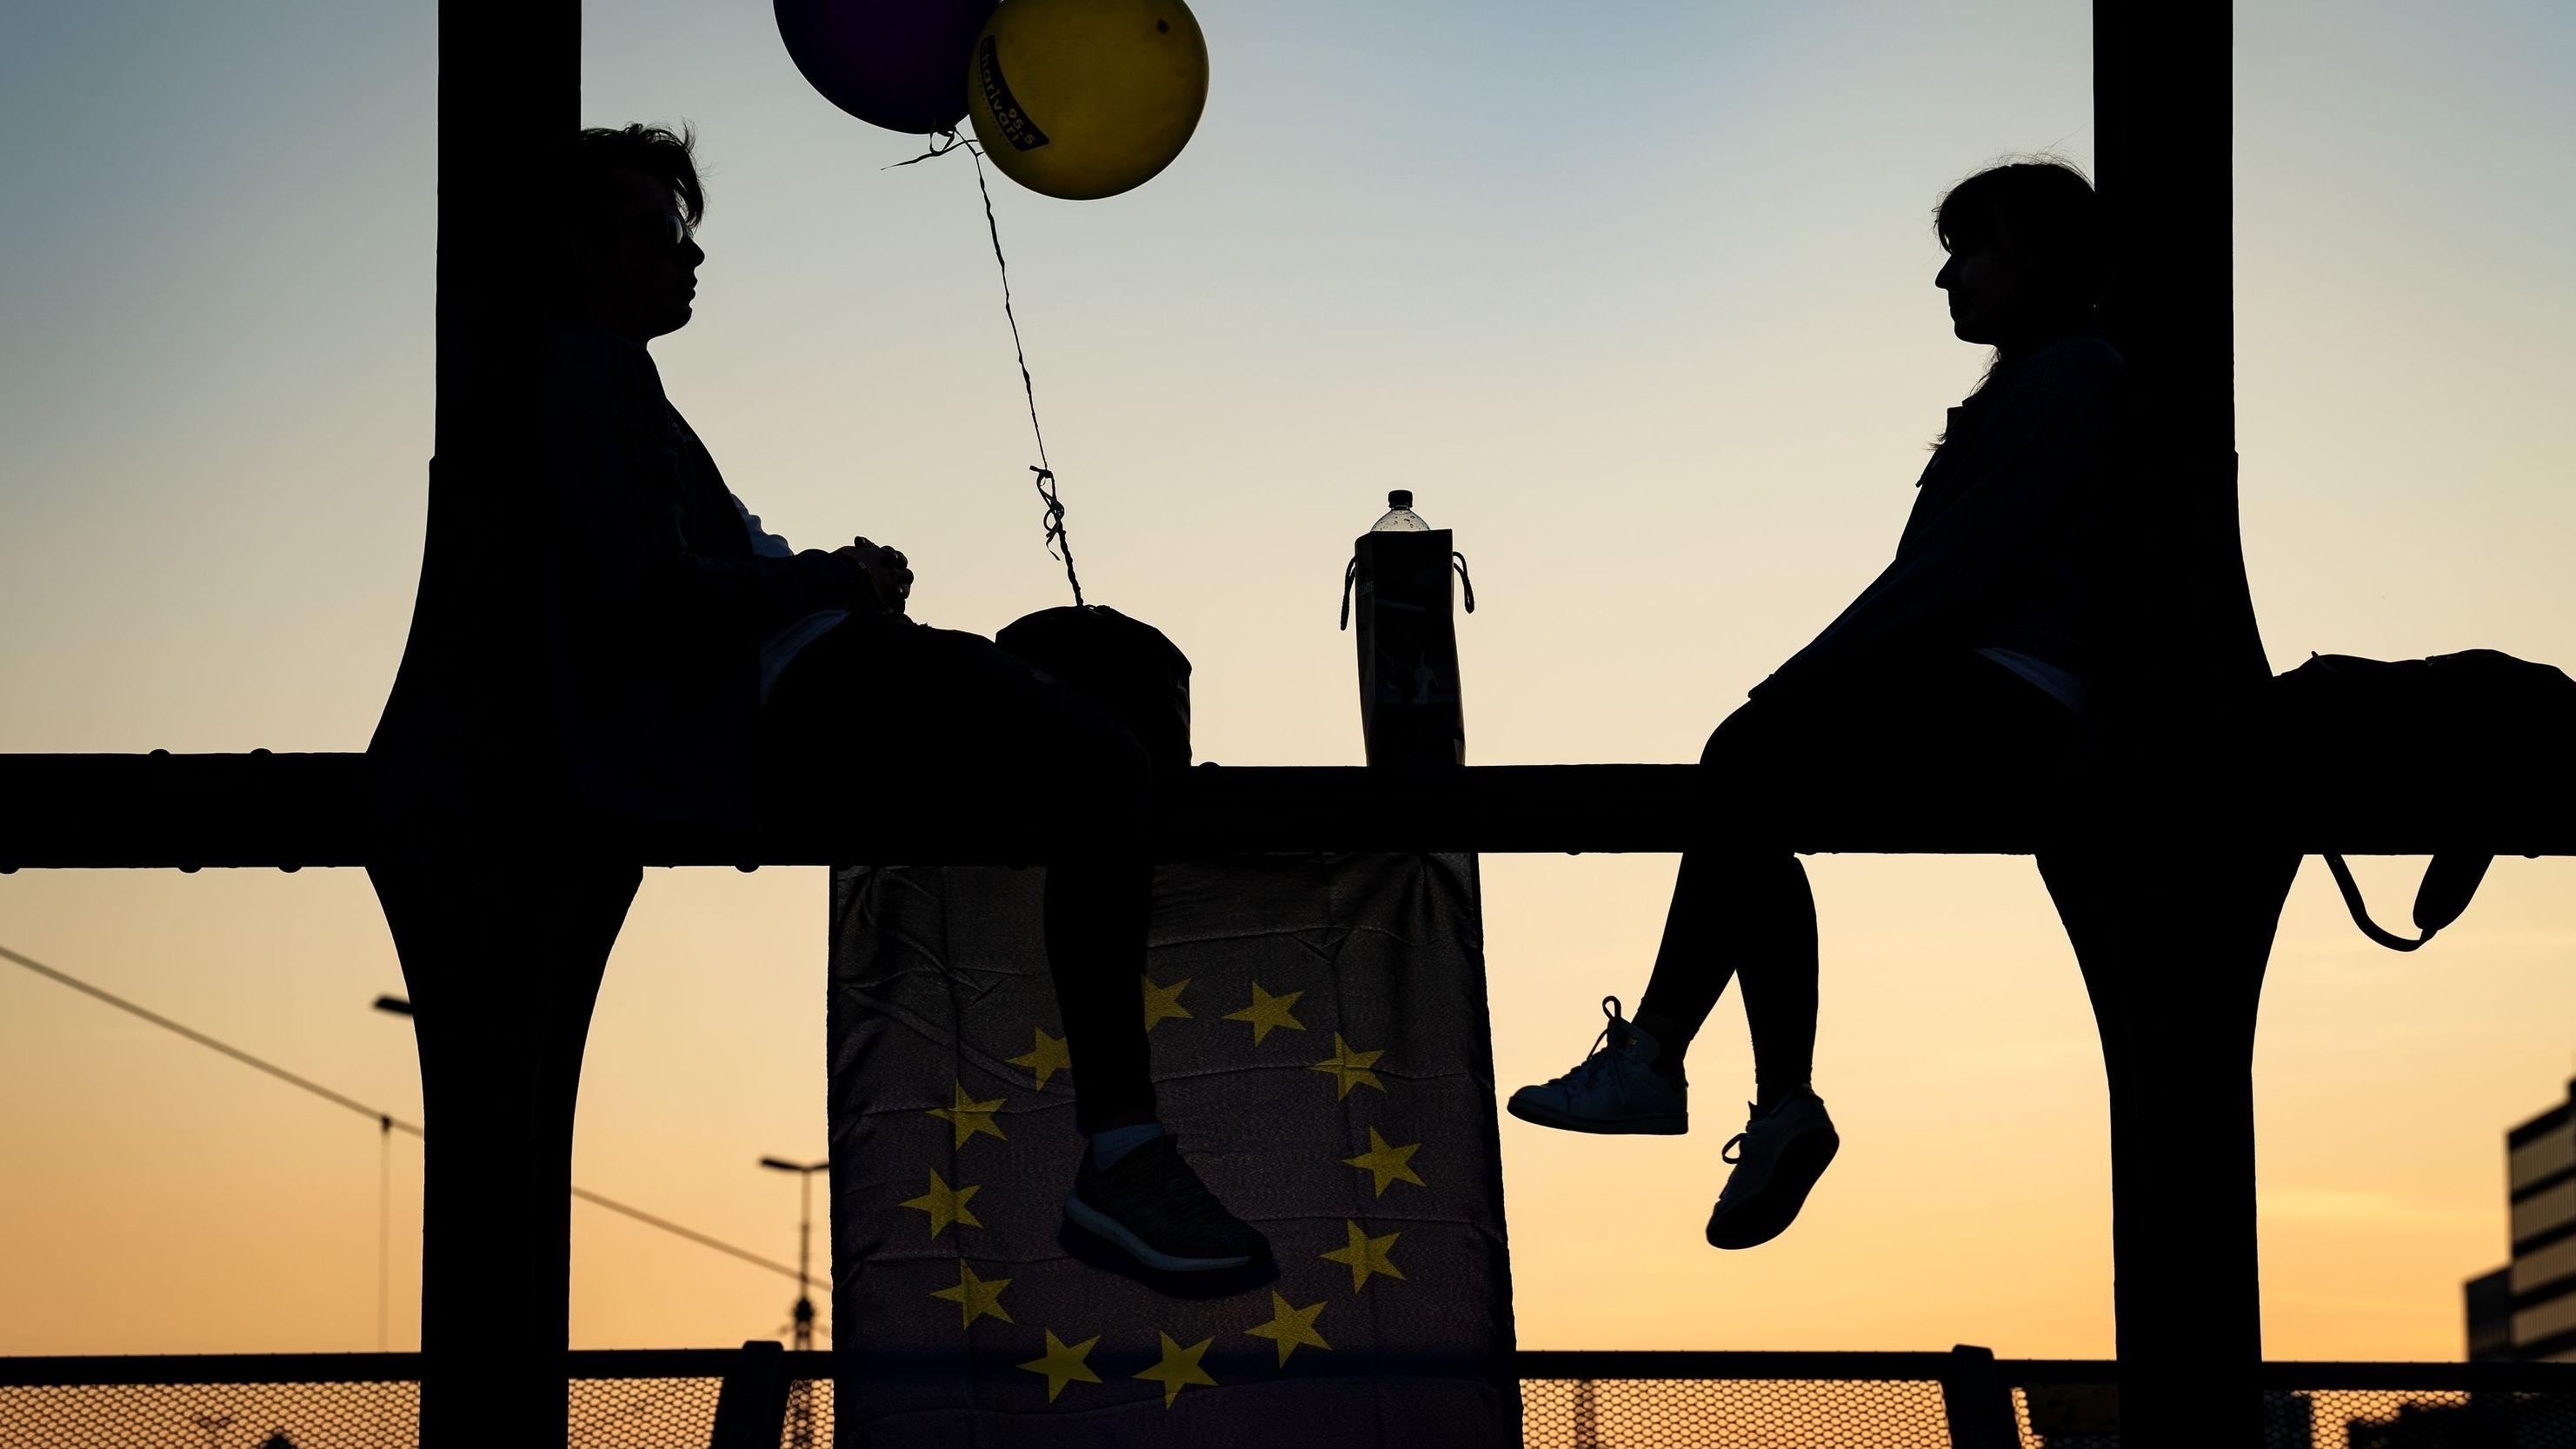 Ein junger Mann und eine junge Frau sitzen mit Luftballons und einer Europaflagge auf den Streben einer Brücke